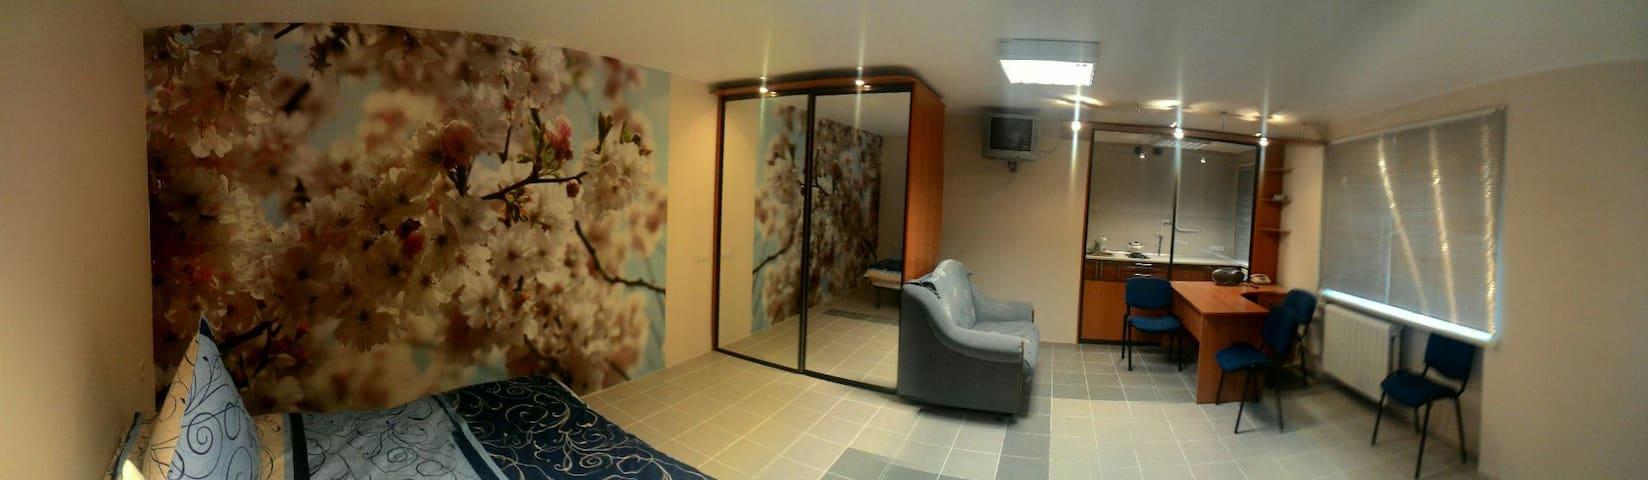 Аренда квартиры посуточно - Barysaŭ - Appartamento